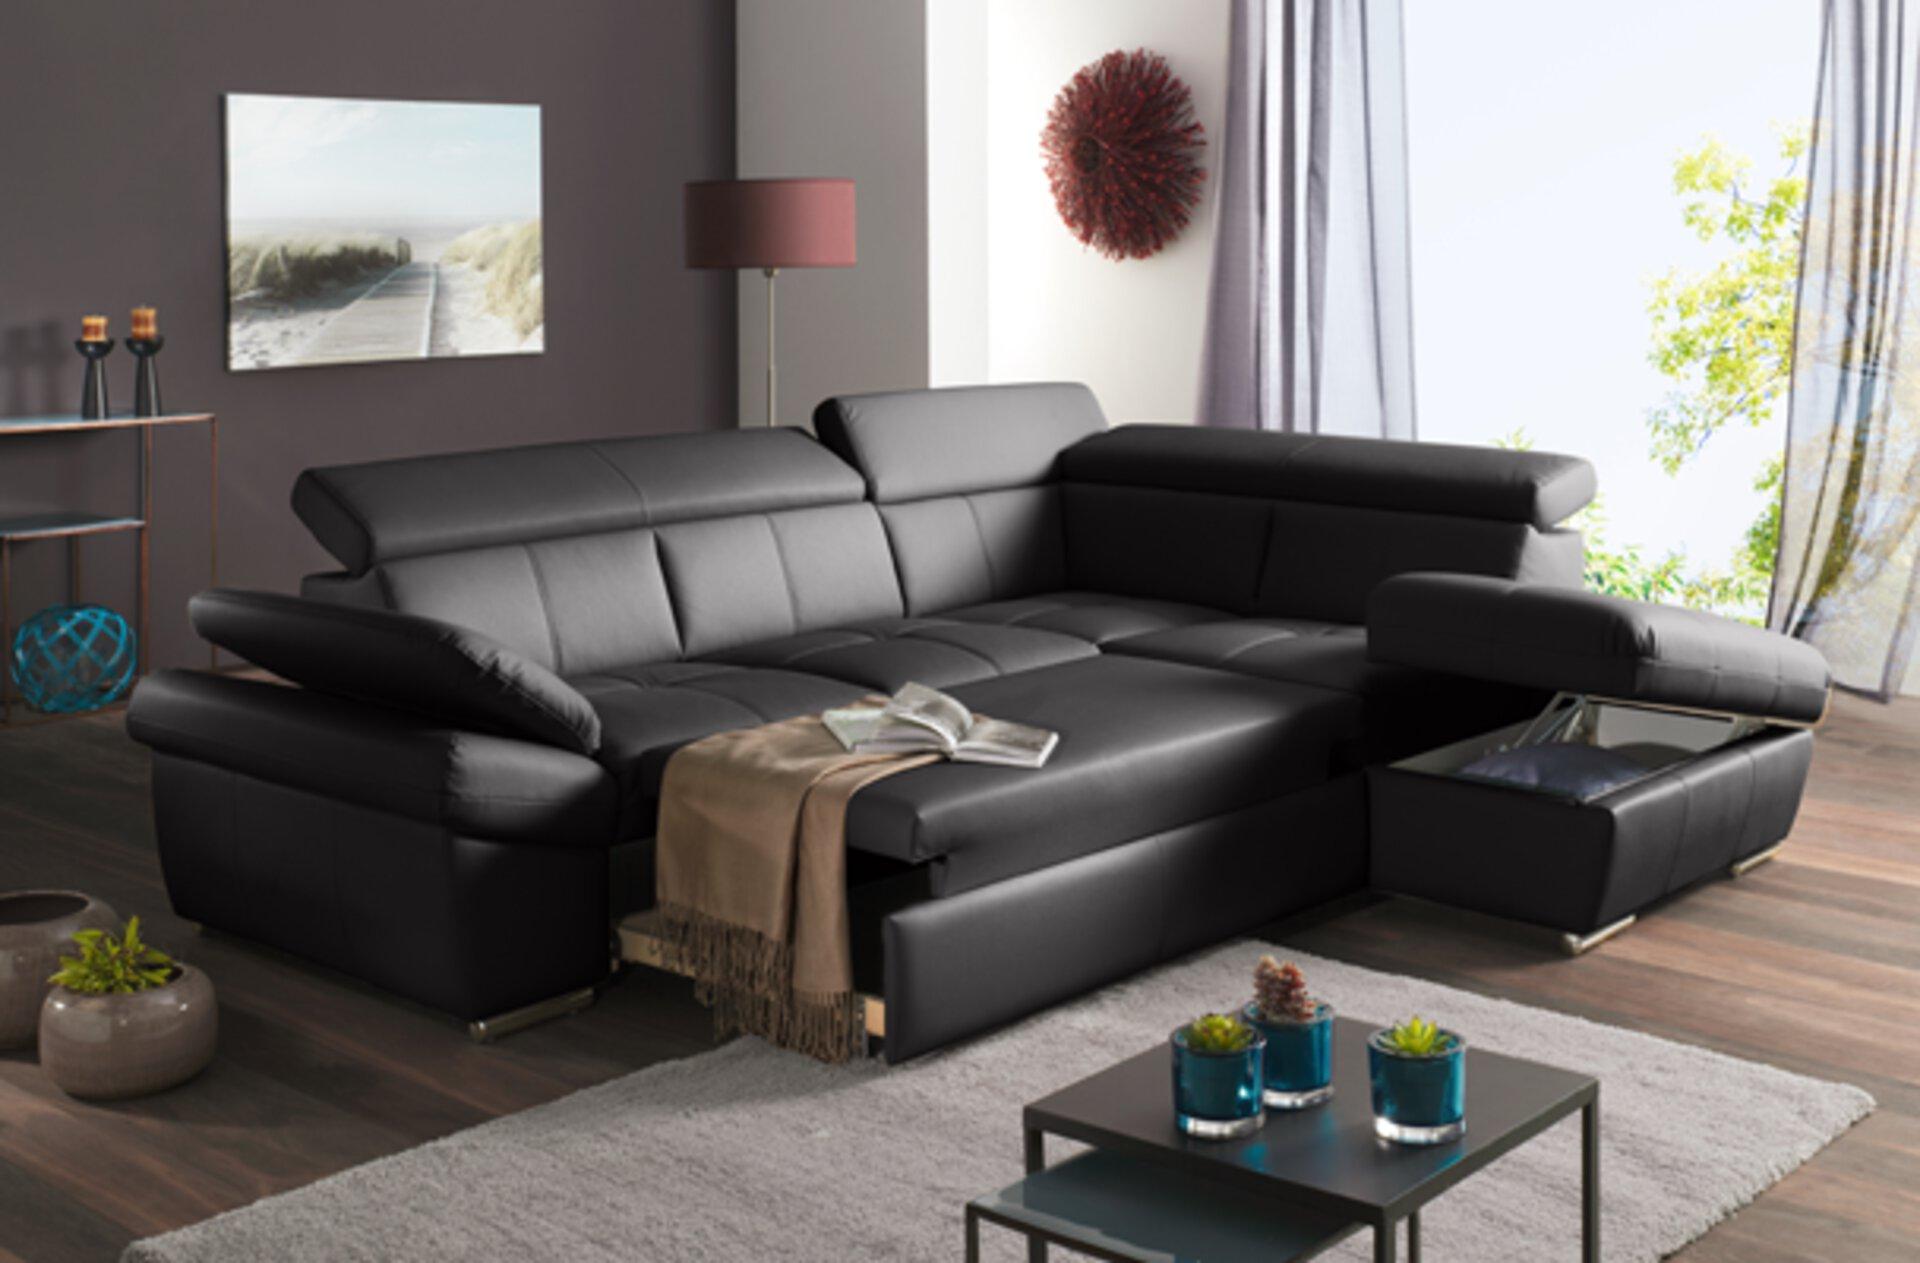 cotta wohnzimmer couch möbel marke